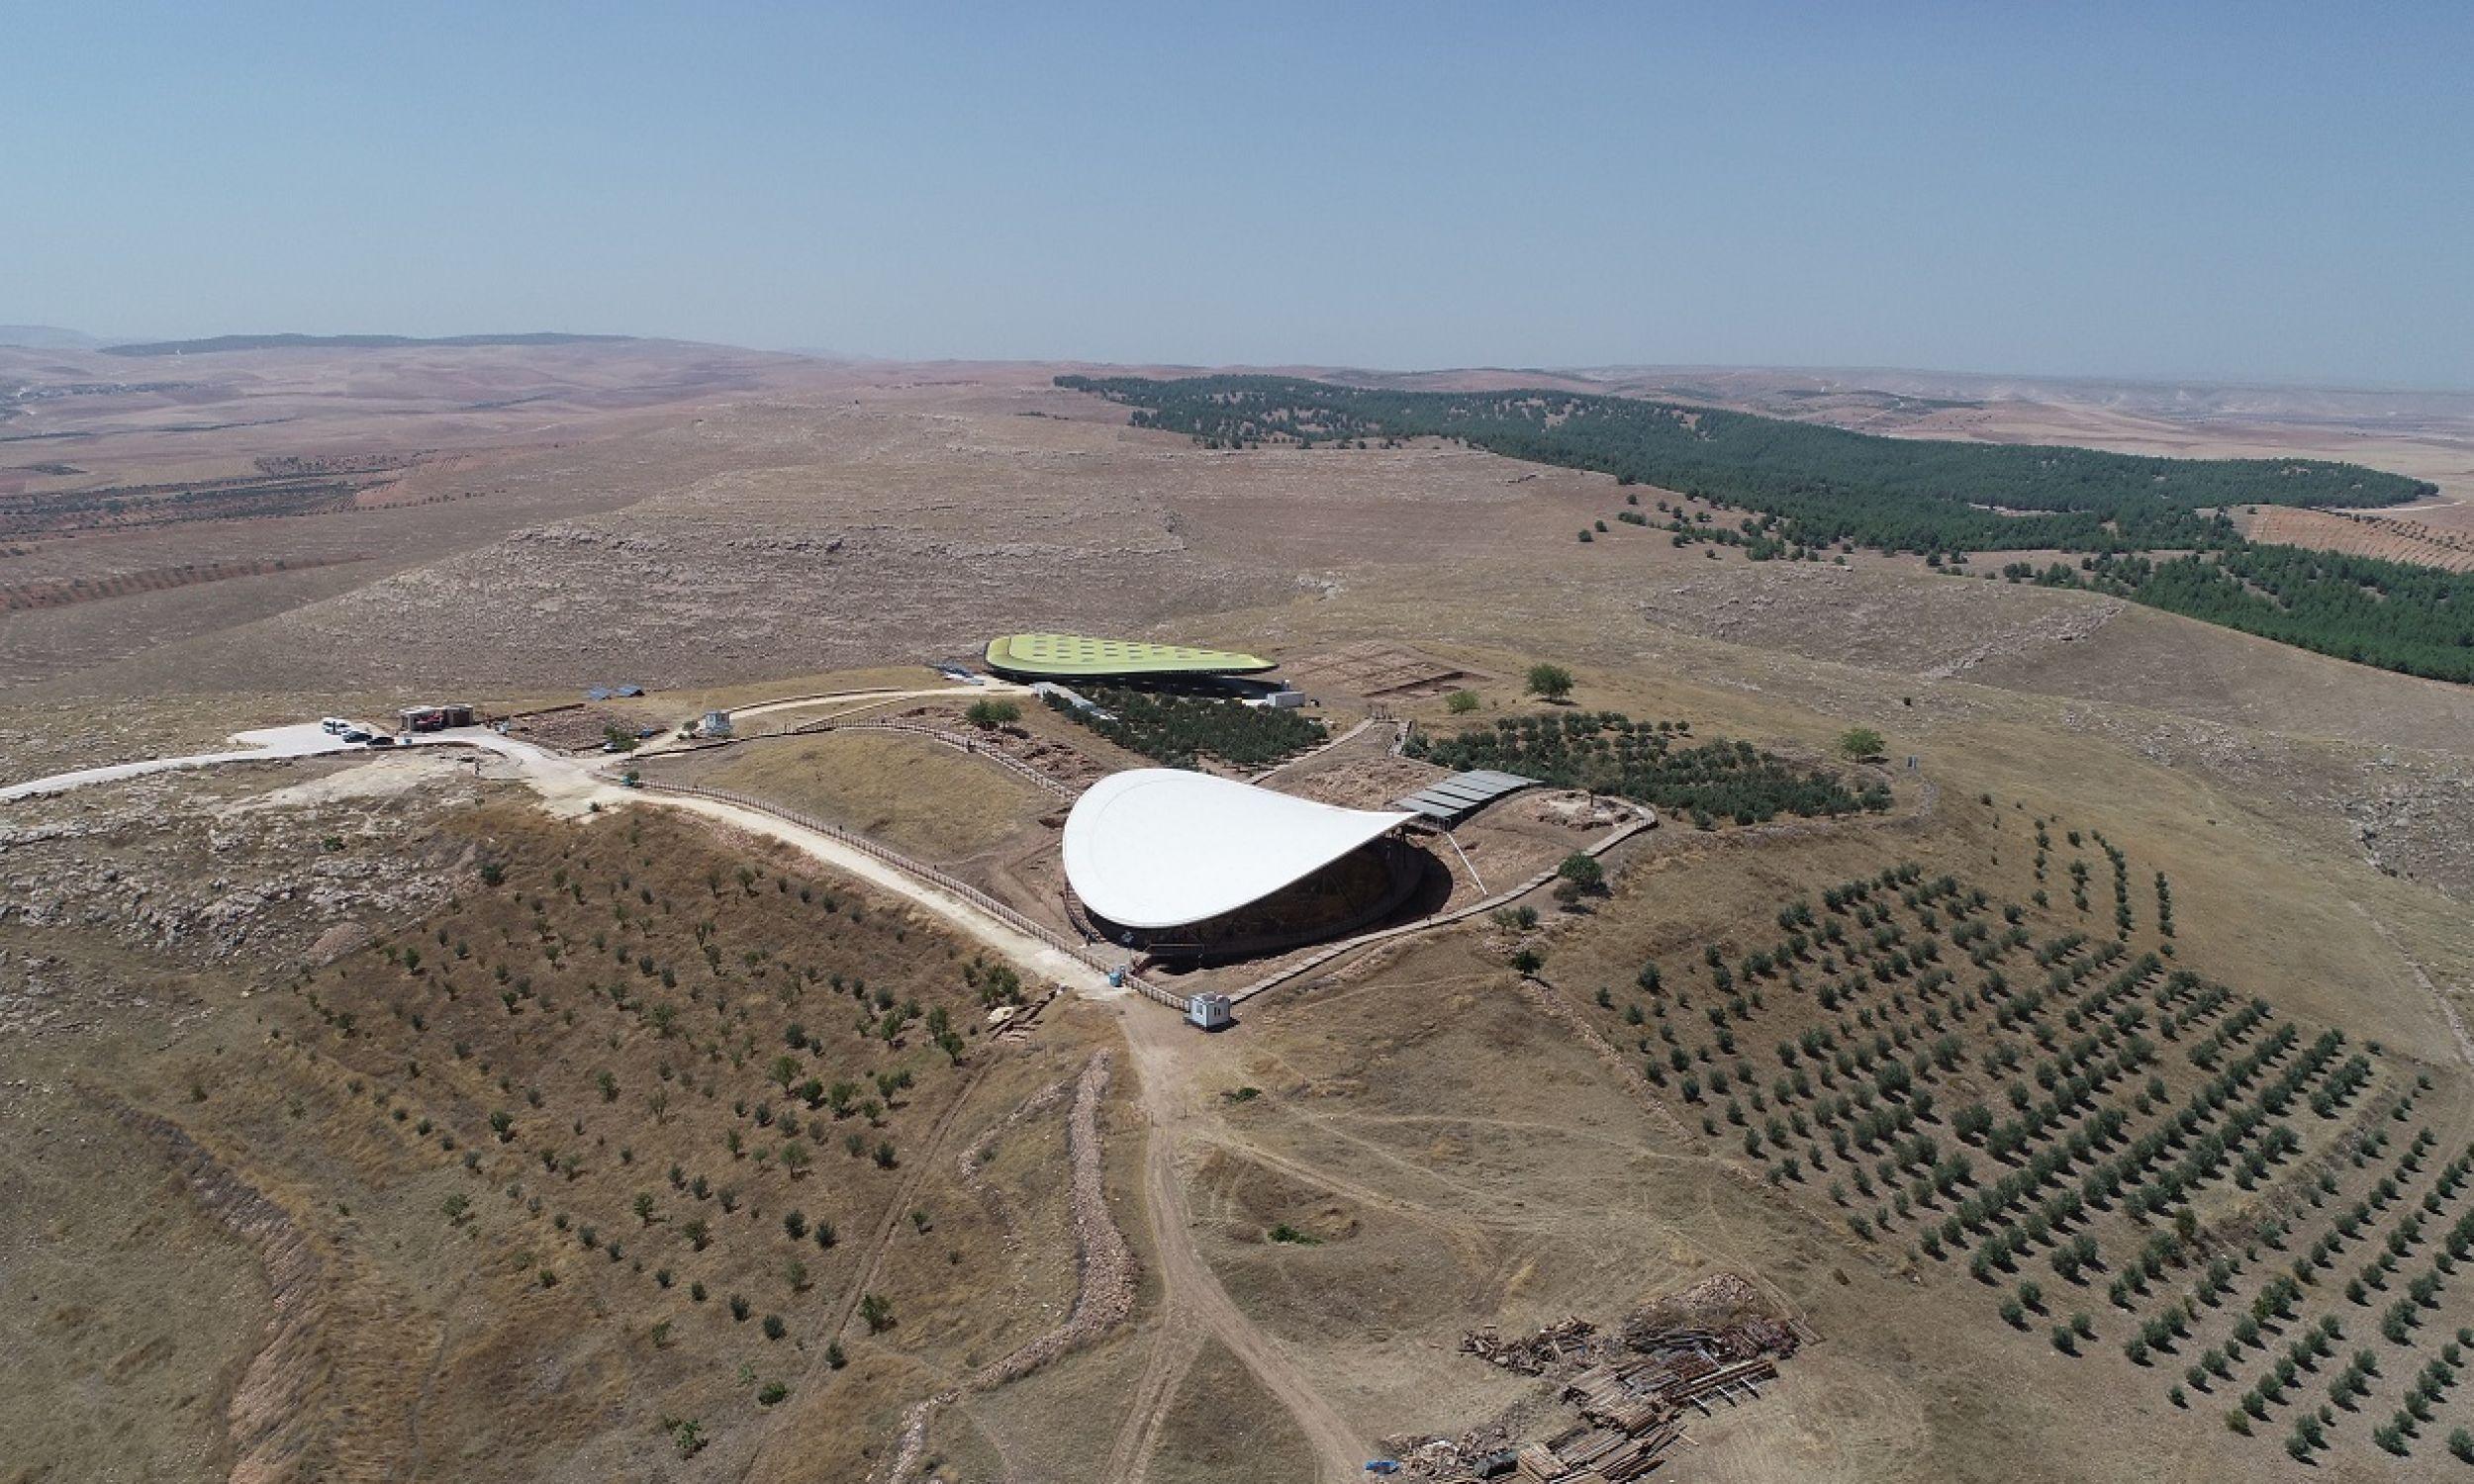 Zadaszone stanowisko archeologiczne w miejscu megalitycznego centrum kultu Göbekli Tepe (co po turecku oznacza Wybrzuszone Wzgórze). Datuje się, że powstało 11 tys. lat p.n.e. i dowodzi, że nasi przodkowie z czasów ostatniego zlodowacenia niekoniecznie siedzieli skuleni, głodni i dzicy w jaskiniach. Fot. Halil Fidan/Anadolu Agency/Getty Images